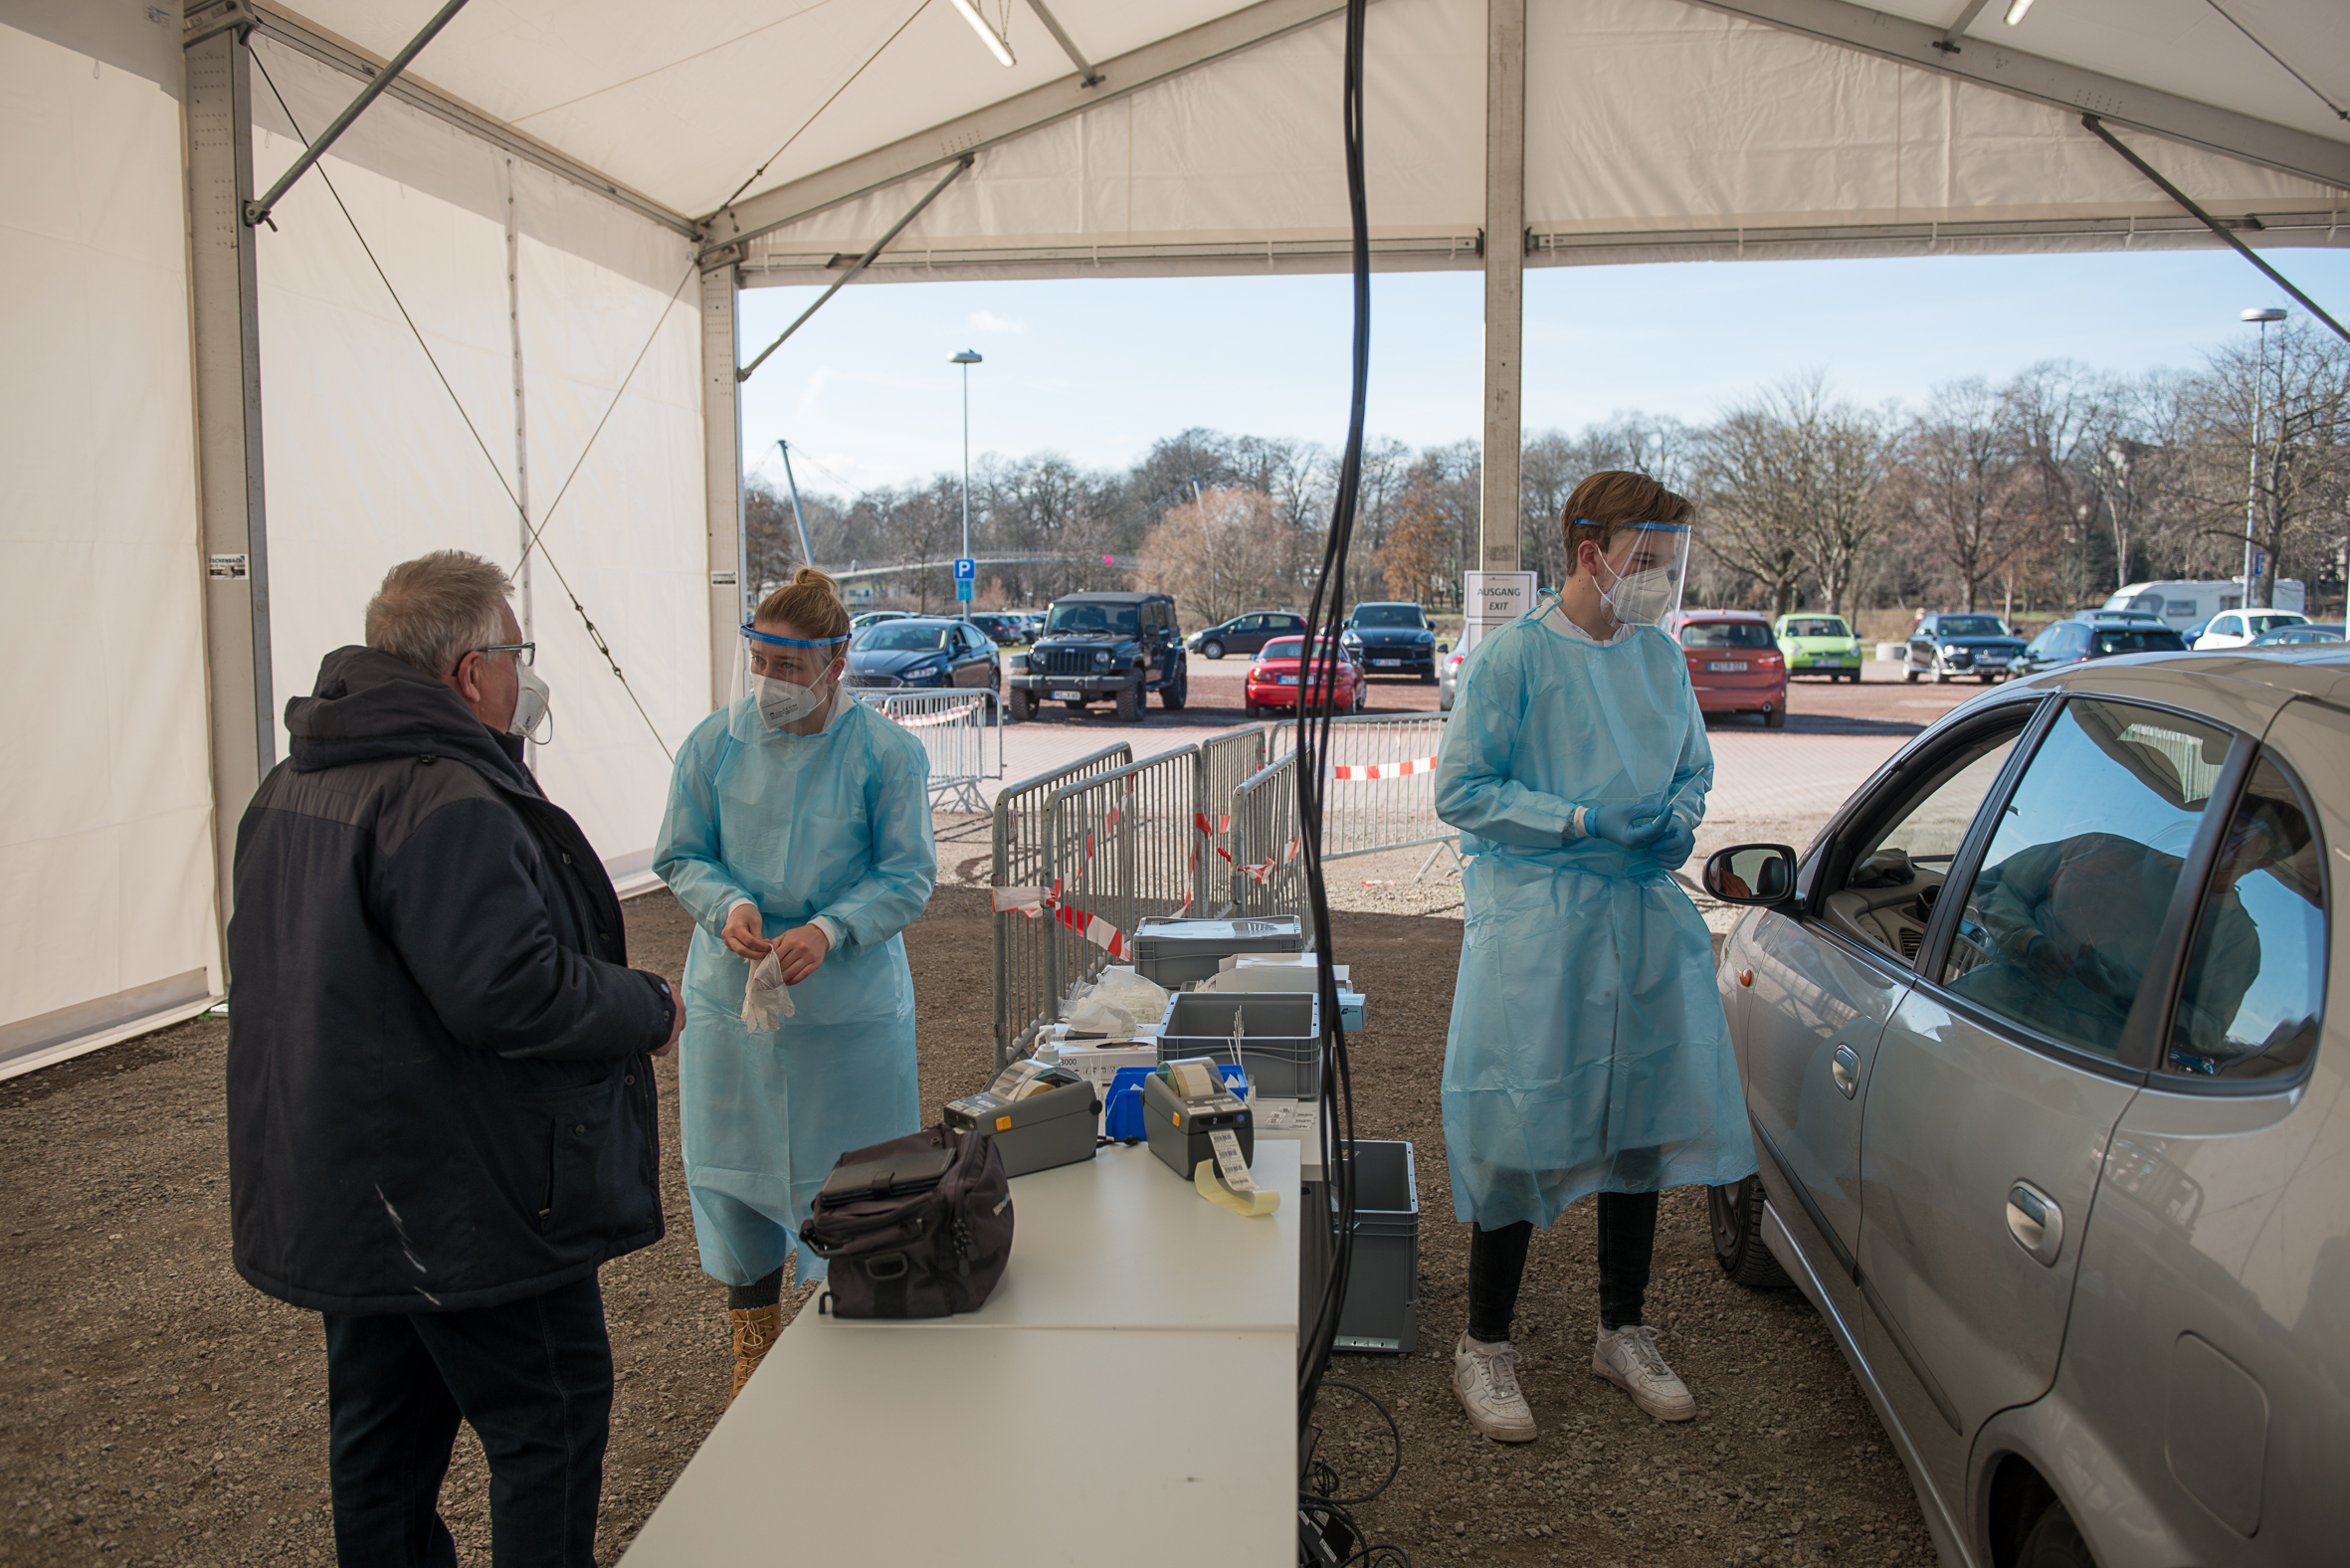 Fotohinweis: MKK/Sven Olaf Stange, Testzentren stehen auch Unternehmen zur Testung der Mitarbeiter*innen zur Verfügung